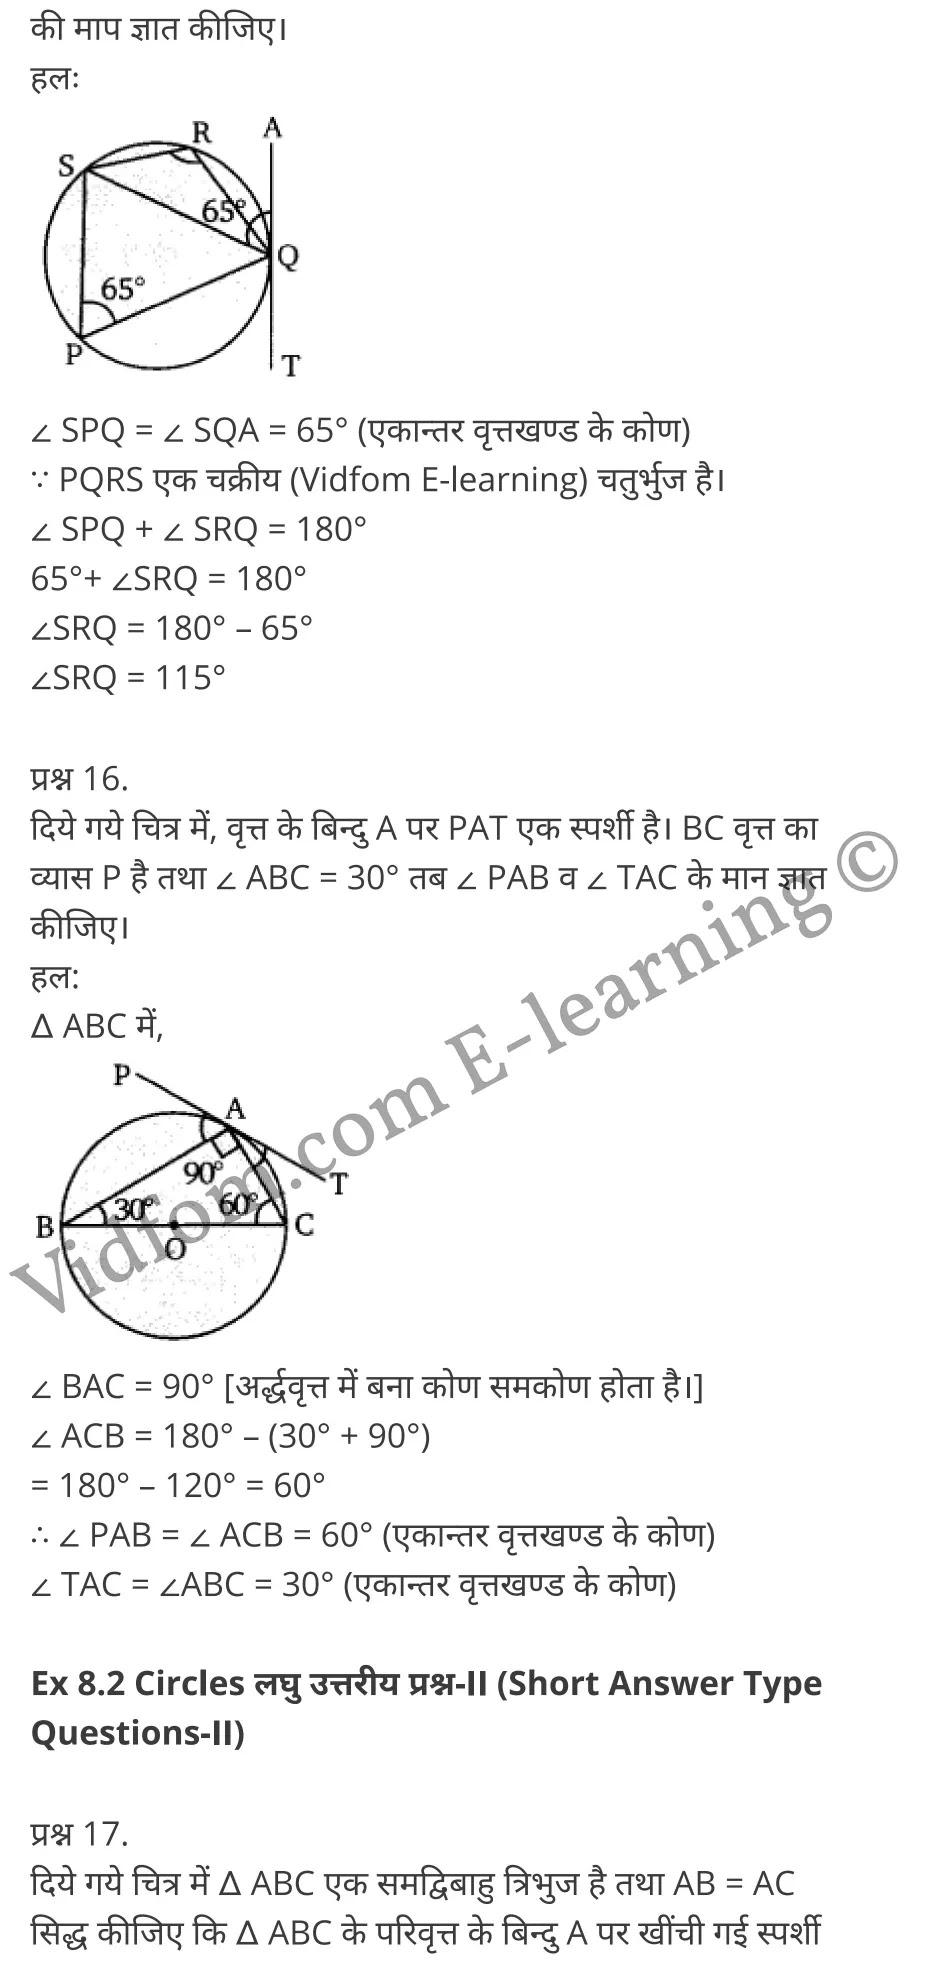 Balaji Maths Book Solutions Class 10 Chapter 8 Circles (वृत्त)  Chapter 8 Circles Ex 8.1 Chapter 8 Circles Ex 8.2 कक्षा 10 बालाजी गणित  के नोट्स  हिंदी में एनसीईआरटी समाधान,     class 10 Balaji Maths Chapter 8,   class 10 Balaji Maths Chapter 8 ncert solutions in Hindi,   class 10 Balaji Maths Chapter 8 notes in hindi,   class 10 Balaji Maths Chapter 8 question answer,   class 10 Balaji Maths Chapter 8 notes,   class 10 Balaji Maths Chapter 8 class 10 Balaji Maths Chapter 8 in  hindi,    class 10 Balaji Maths Chapter 8 important questions in  hindi,   class 10 Balaji Maths Chapter 8 notes in hindi,    class 10 Balaji Maths Chapter 8 test,   class 10 Balaji Maths Chapter 8 pdf,   class 10 Balaji Maths Chapter 8 notes pdf,   class 10 Balaji Maths Chapter 8 exercise solutions,   class 10 Balaji Maths Chapter 8 notes study rankers,   class 10 Balaji Maths Chapter 8 notes,    class 10 Balaji Maths Chapter 8  class 10  notes pdf,   class 10 Balaji Maths Chapter 8 class 10  notes  ncert,   class 10 Balaji Maths Chapter 8 class 10 pdf,   class 10 Balaji Maths Chapter 8  book,   class 10 Balaji Maths Chapter 8 quiz class 10  ,    10  th class 10 Balaji Maths Chapter 8  book up board,   up board 10  th class 10 Balaji Maths Chapter 8 notes,  class 10 Balaji Maths,   class 10 Balaji Maths ncert solutions in Hindi,   class 10 Balaji Maths notes in hindi,   class 10 Balaji Maths question answer,   class 10 Balaji Maths notes,  class 10 Balaji Maths class 10 Balaji Maths Chapter 8 in  hindi,    class 10 Balaji Maths important questions in  hindi,   class 10 Balaji Maths notes in hindi,    class 10 Balaji Maths test,  class 10 Balaji Maths class 10 Balaji Maths Chapter 8 pdf,   class 10 Balaji Maths notes pdf,   class 10 Balaji Maths exercise solutions,   class 10 Balaji Maths,  class 10 Balaji Maths notes study rankers,   class 10 Balaji Maths notes,  class 10 Balaji Maths notes,   class 10 Balaji Maths  class 10  notes pdf,   class 10 Balaji Maths class 10  notes  ncert,   class